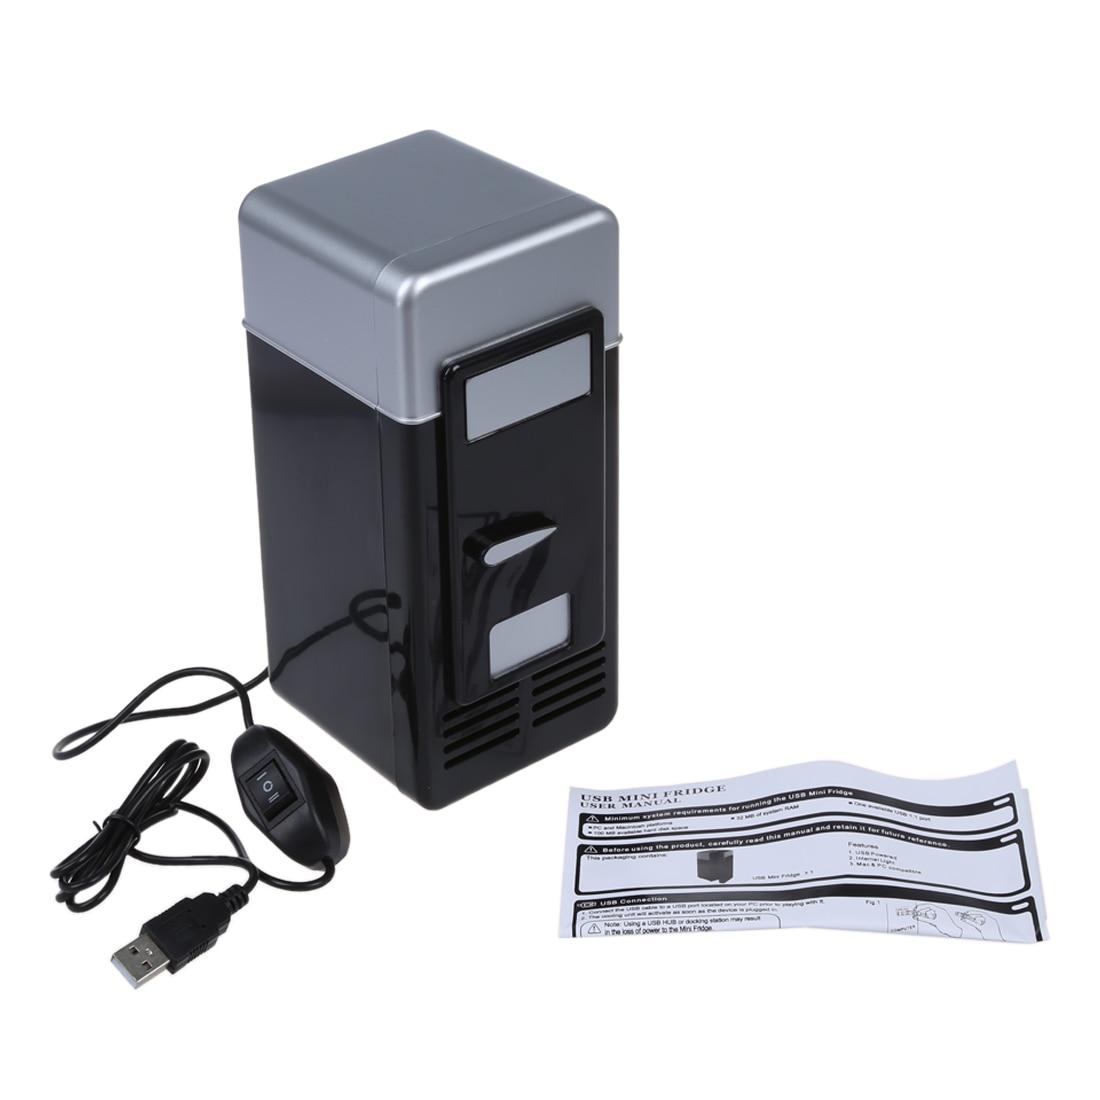 LED Portable Cooler/Warmer USB Réfrigérateur Réfrigérateur Mini Canettes de Boissons Cooler pour Bureau PC Portable USB Gadgets